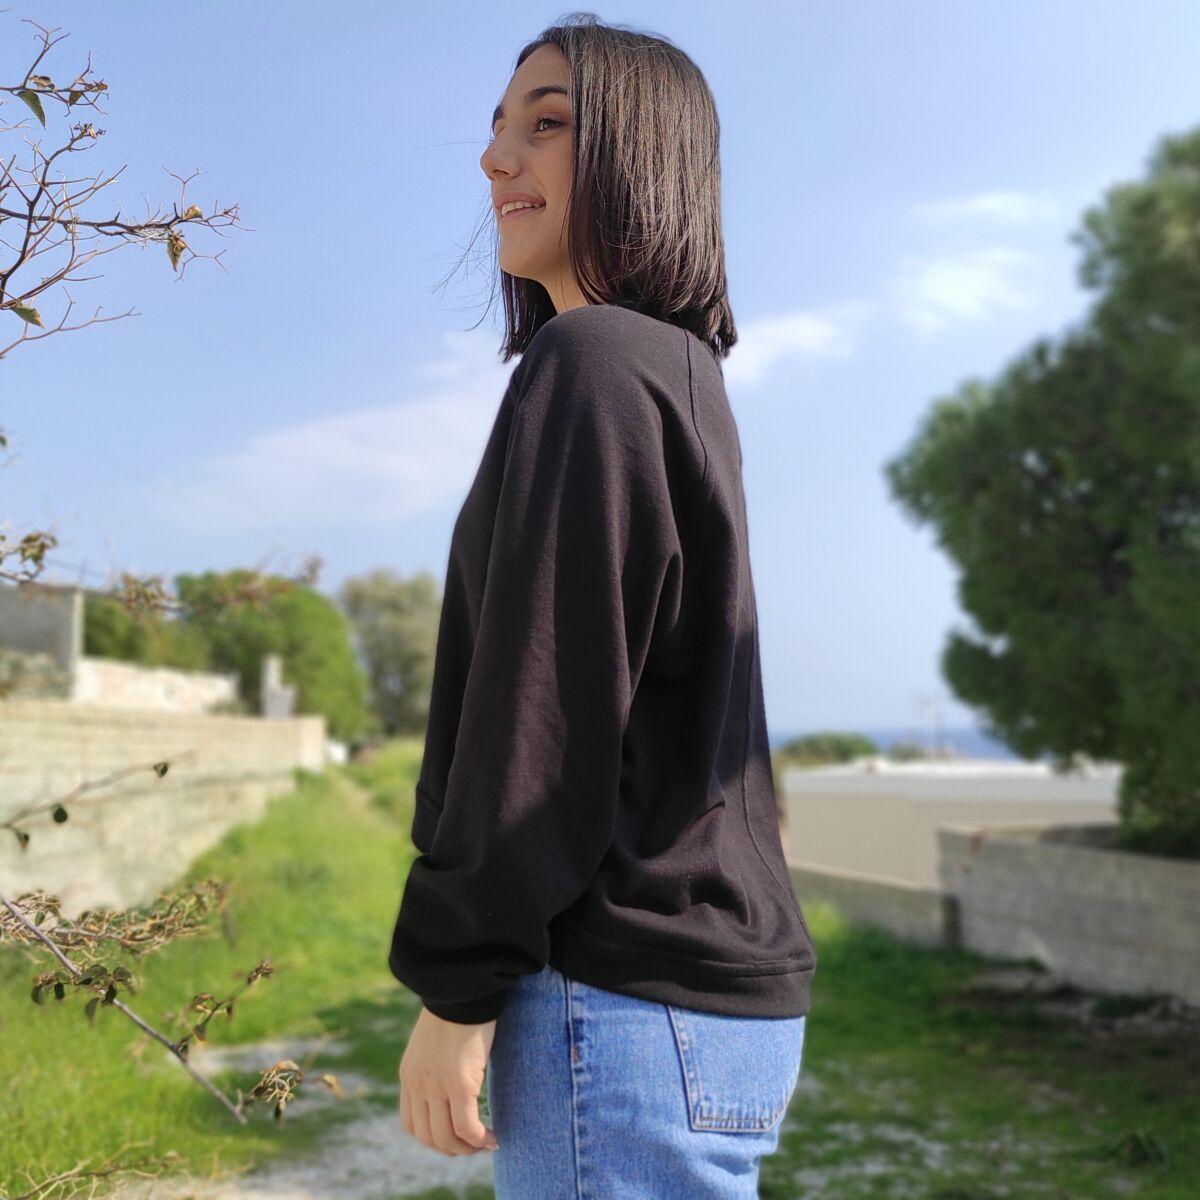 Φούτερ μαύρο Μπλούζες Ρούχα αξεσουάρ 2